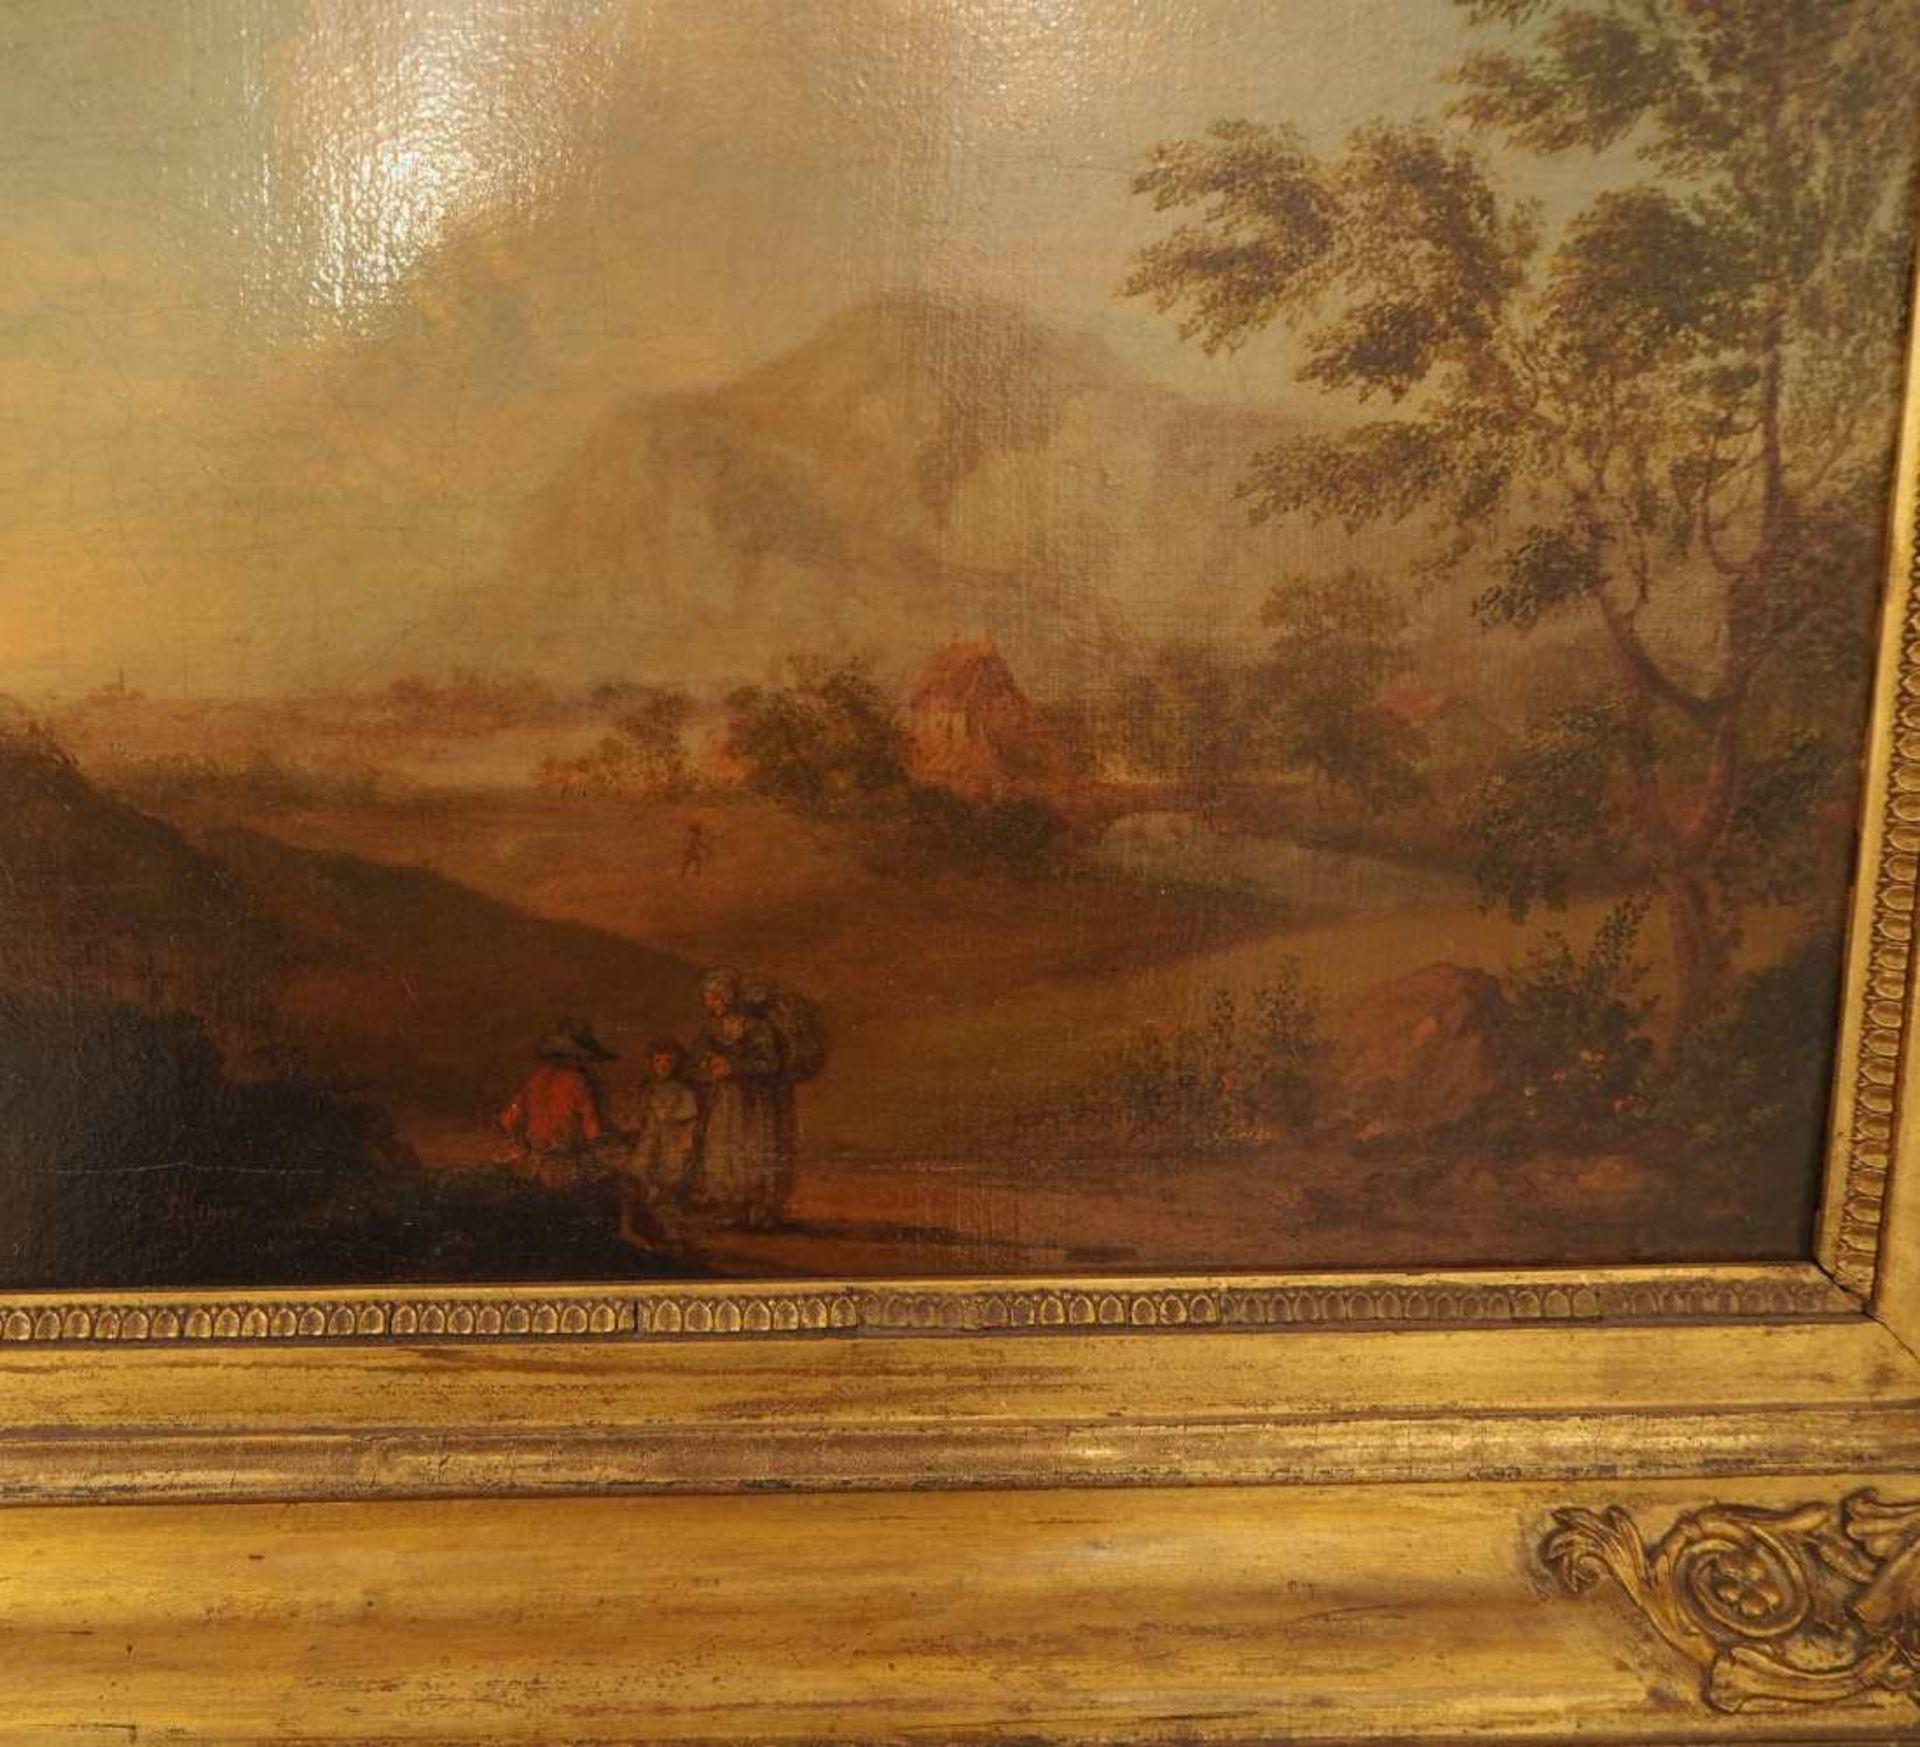 """1 Ölgemälde""""Idealisierte Landschaft mit Personenstaffage"""", L.u. sign. J. STOISSER ( - Bild 5 aus 5"""